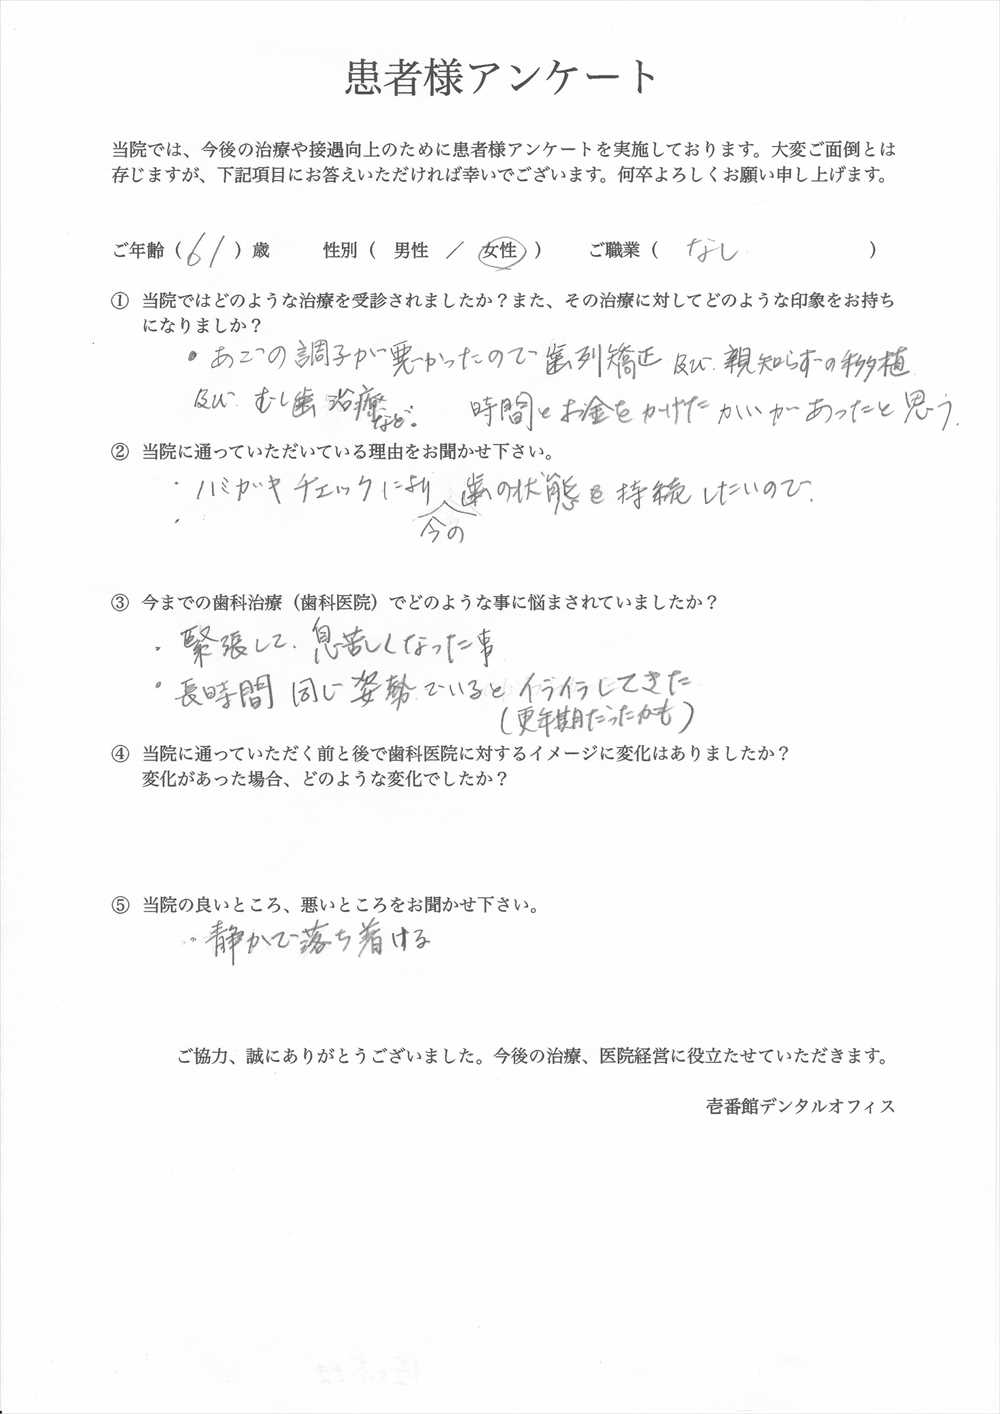 壱番館デンタルオフィス口コミ評判アンケート16